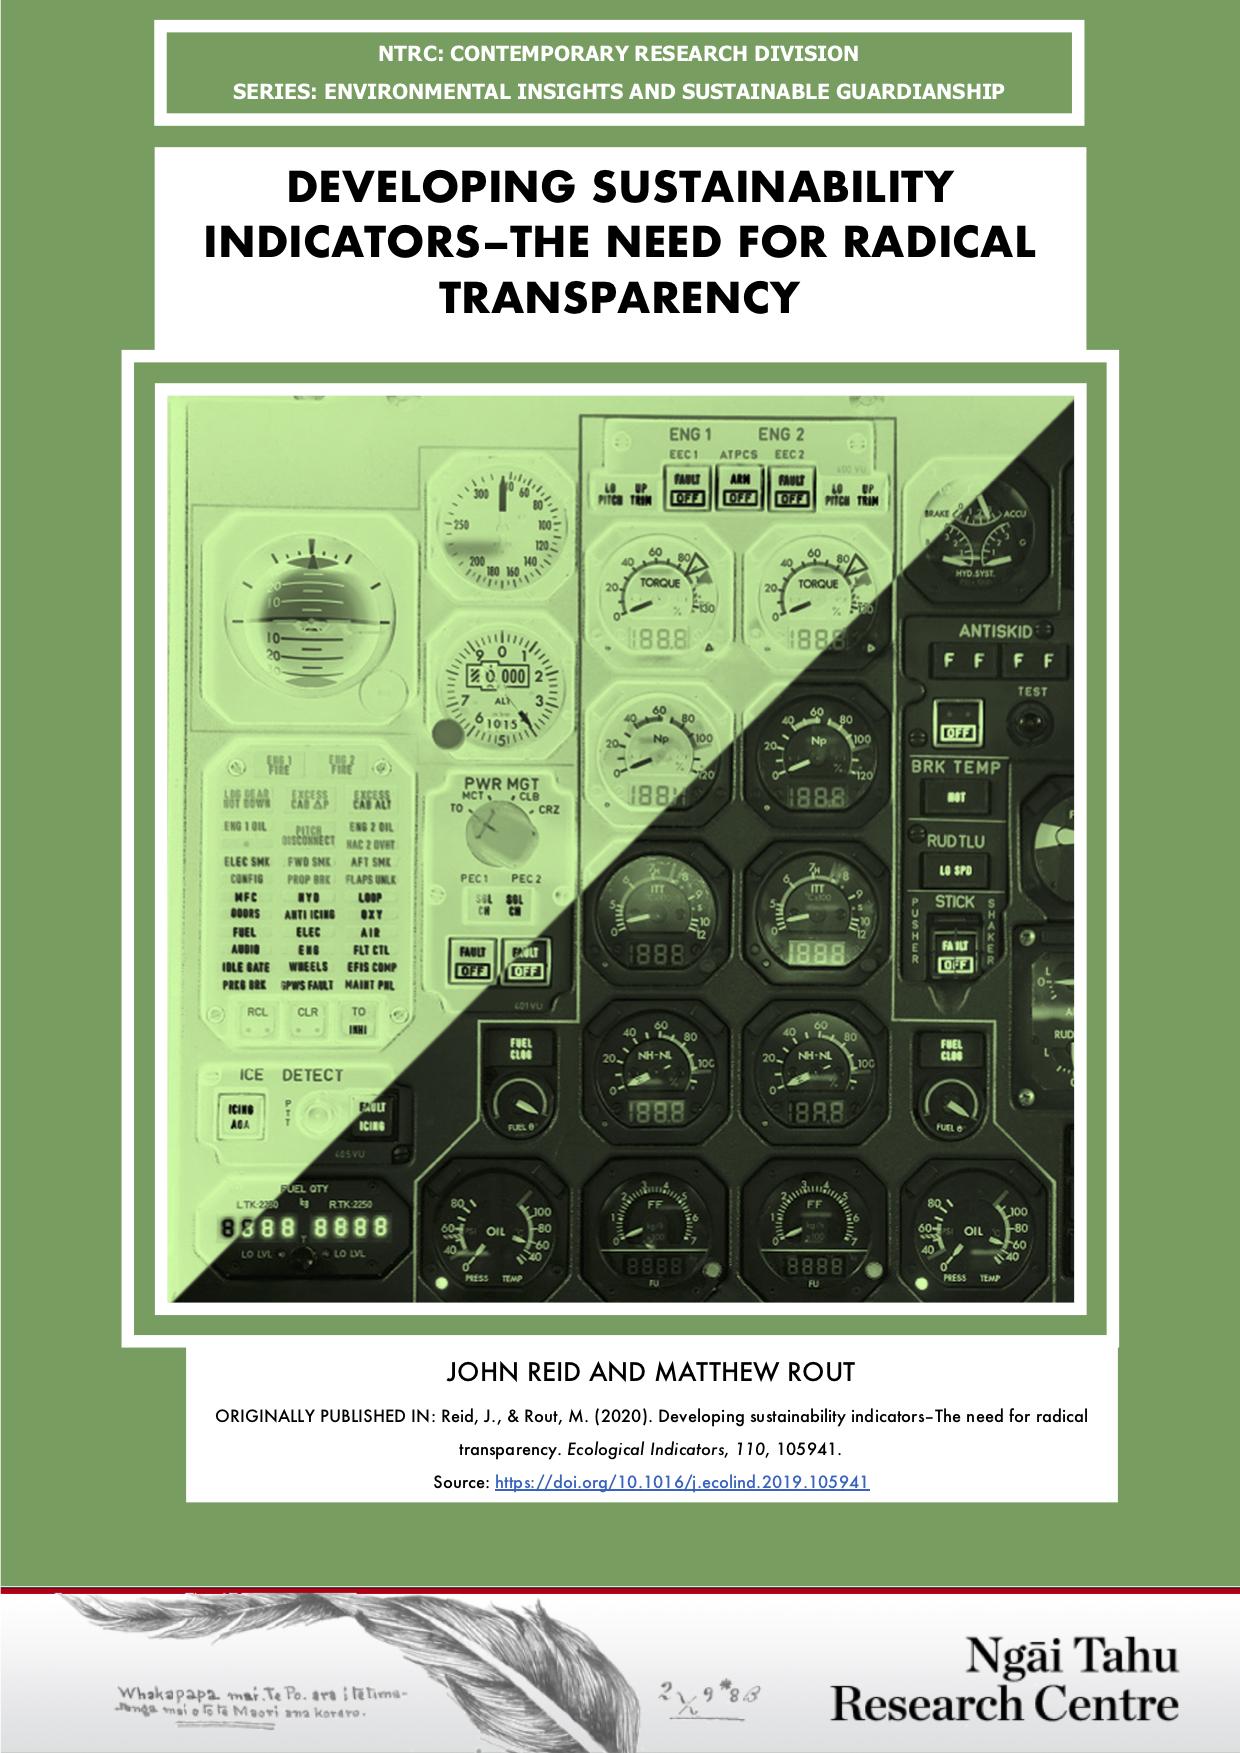 Image - Radical Transparency